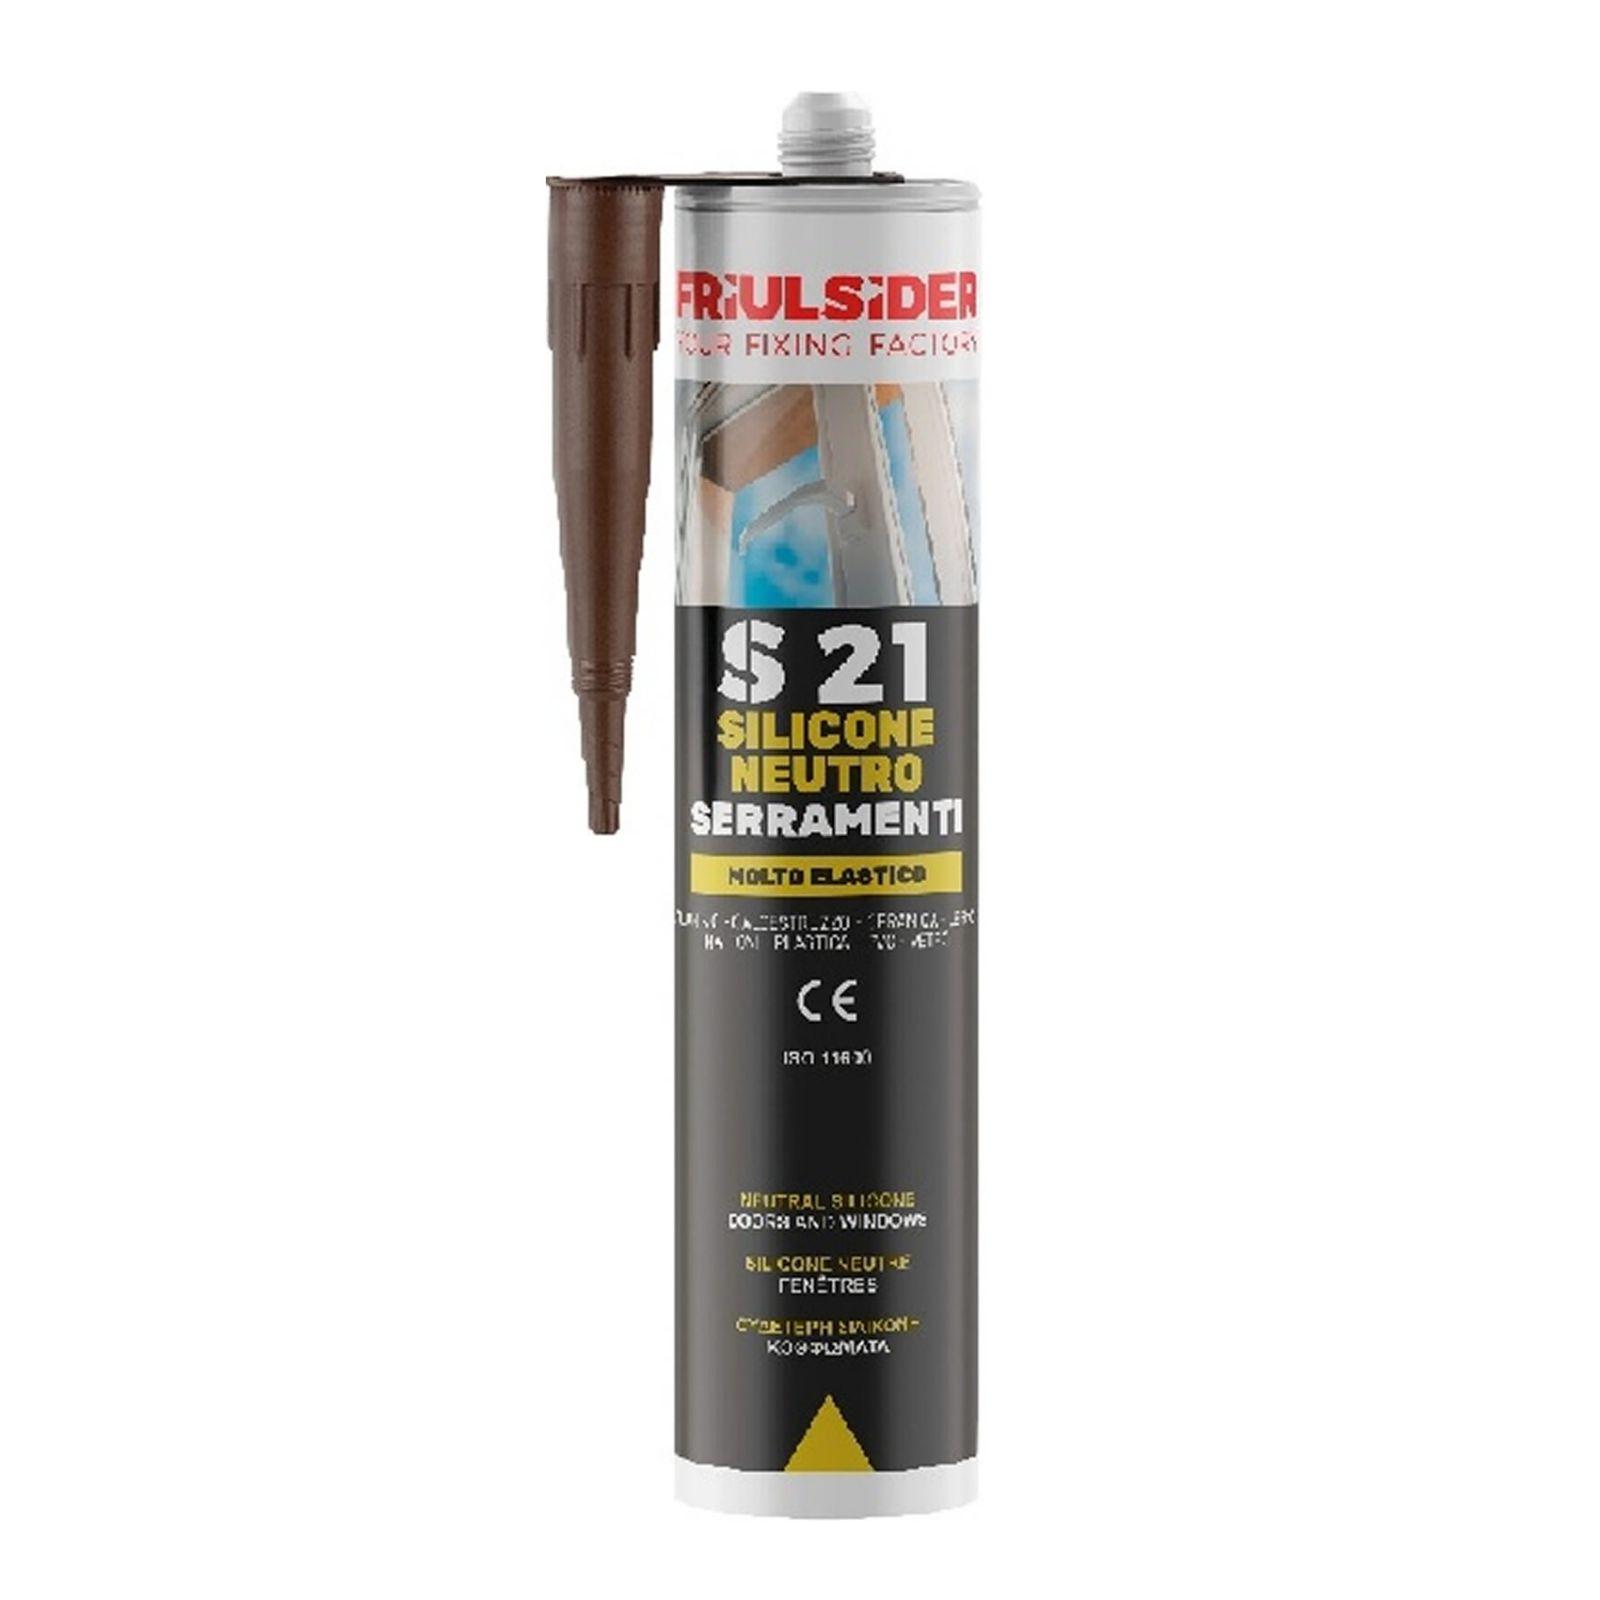 Friulsider silicone neutro S21 serramenti trasparente 310ml